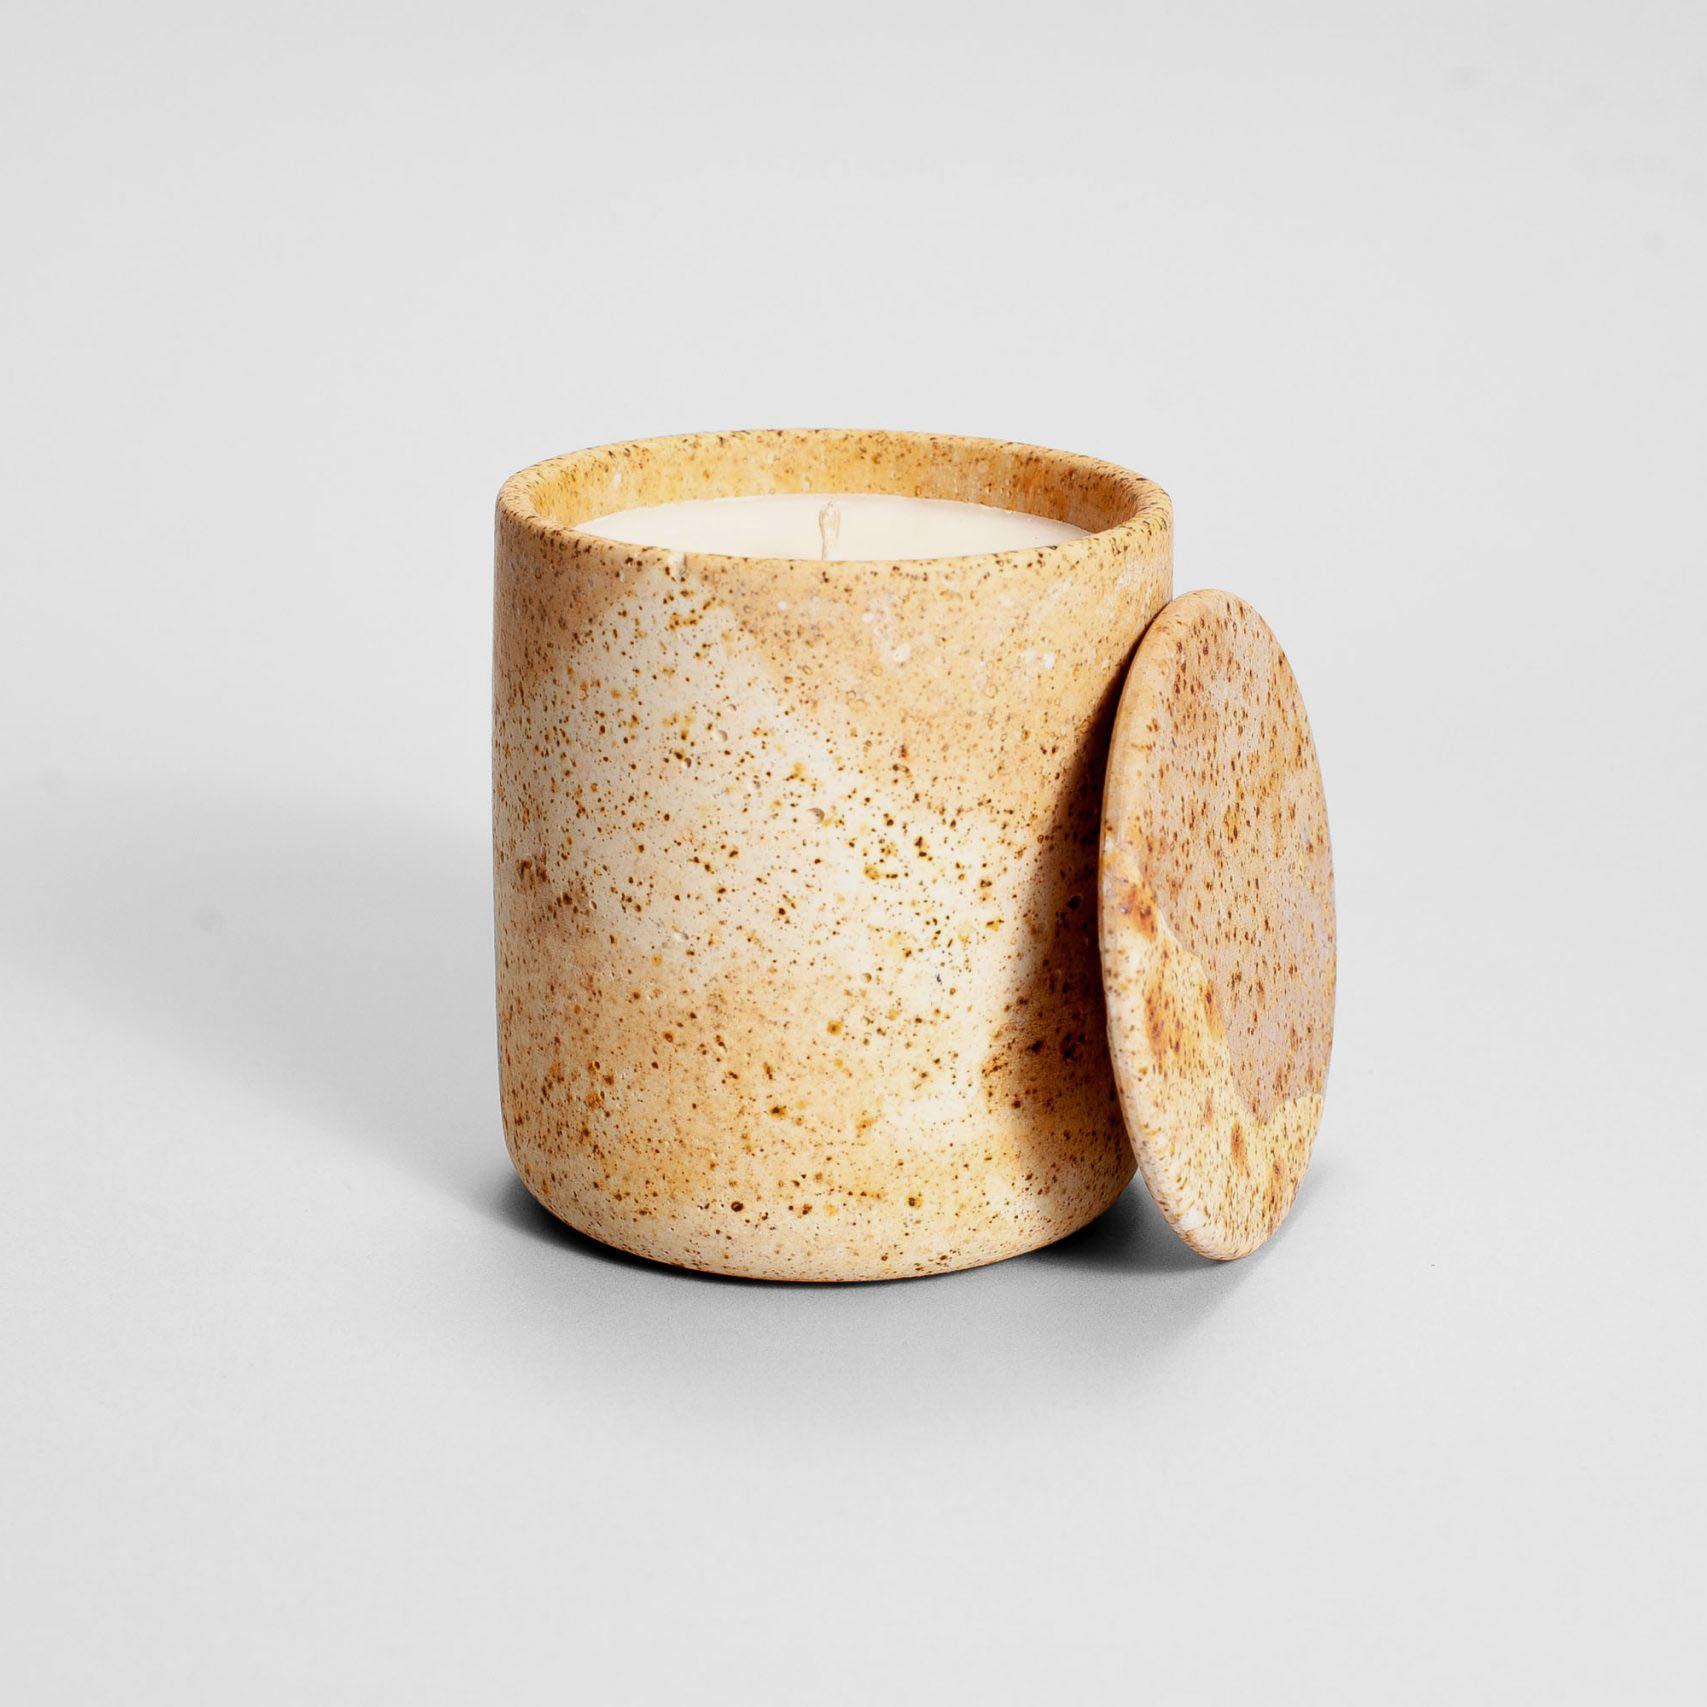 Zdjęcie produktu MEDIO RUSTED BEIGE - świeczka